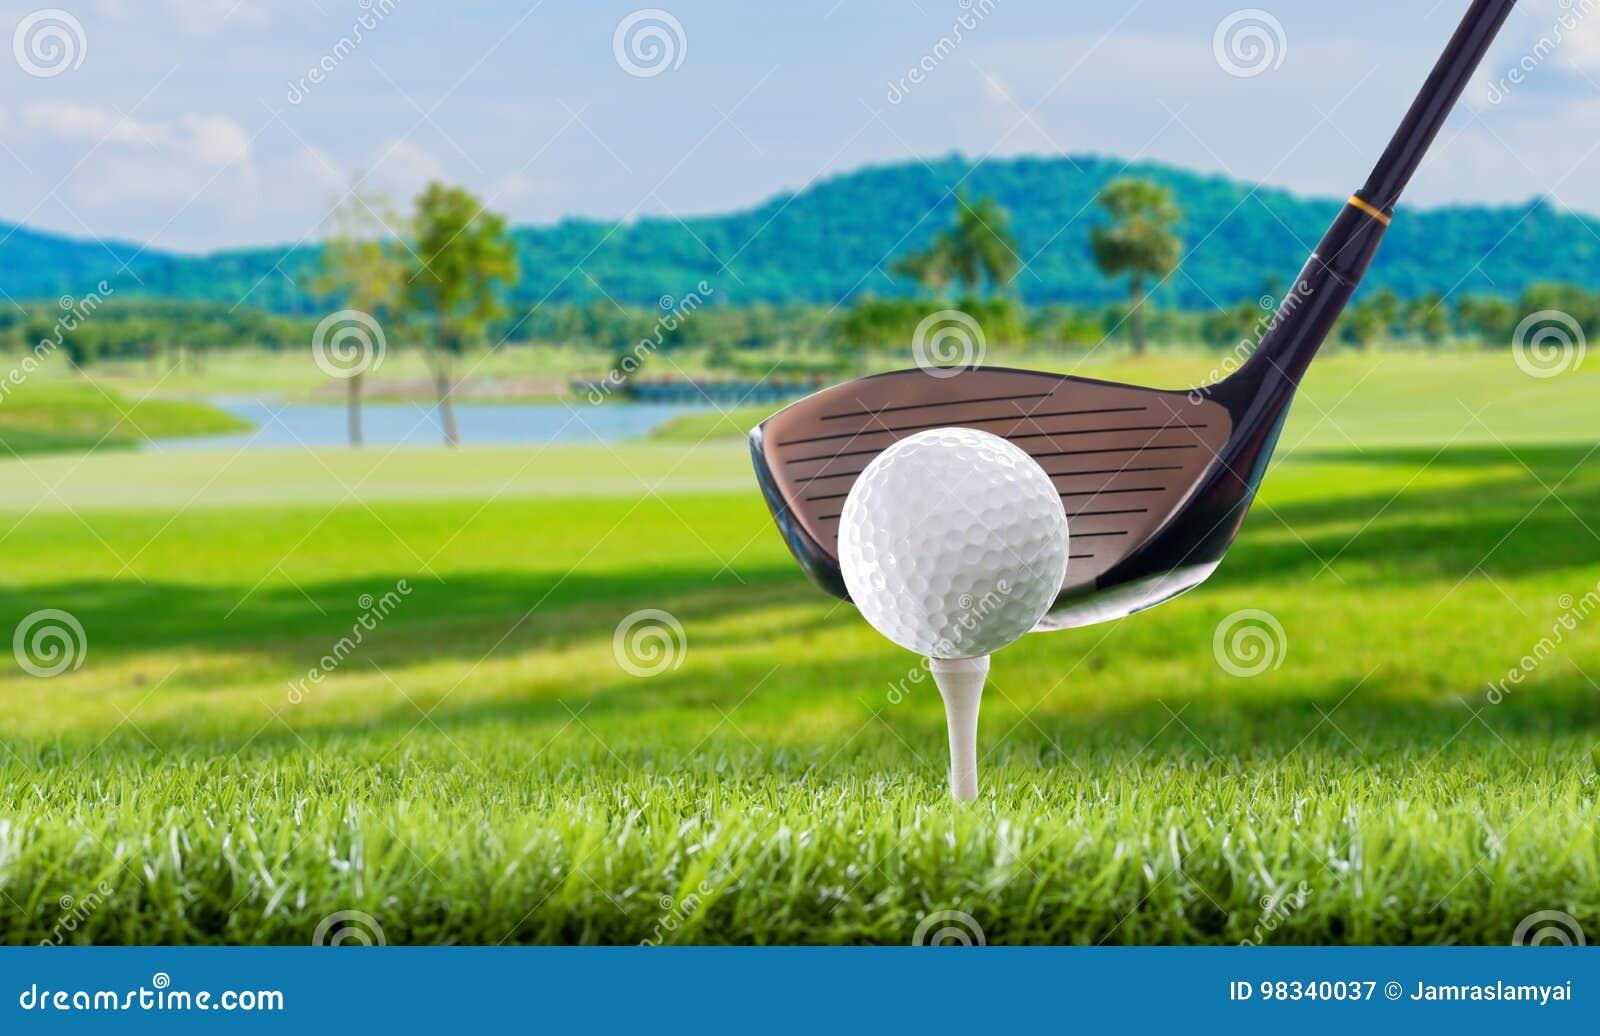 Шар для игры в гольф на колышках тройника в поле для гольфа